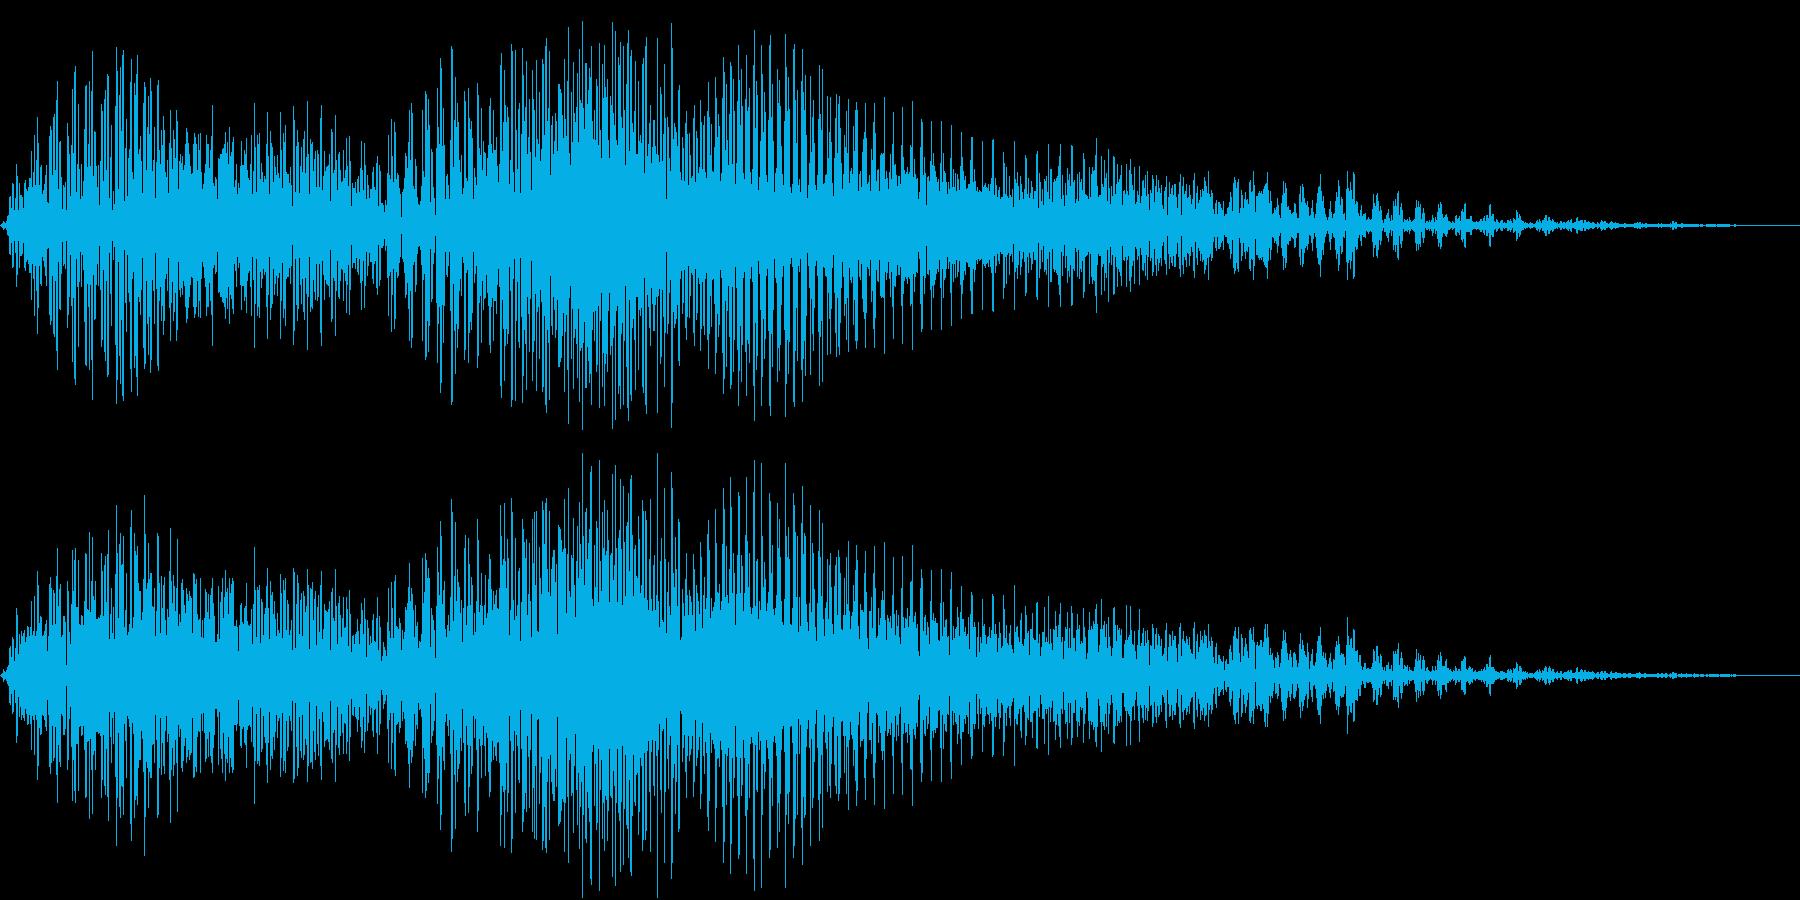 バイク エンジン音 出発時の再生済みの波形